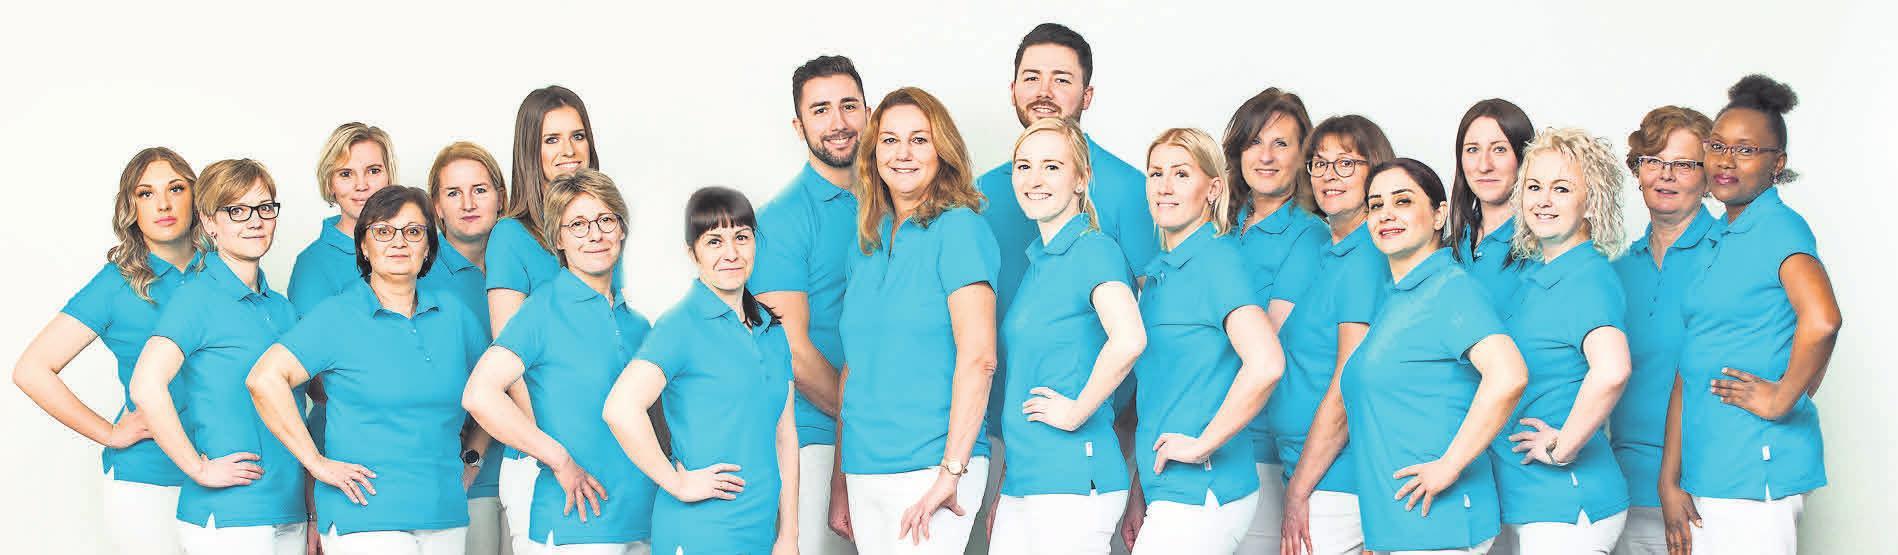 Das Team des Podologie Zentrums Behrens ist für Patienten auch in der CoronaPandemie da